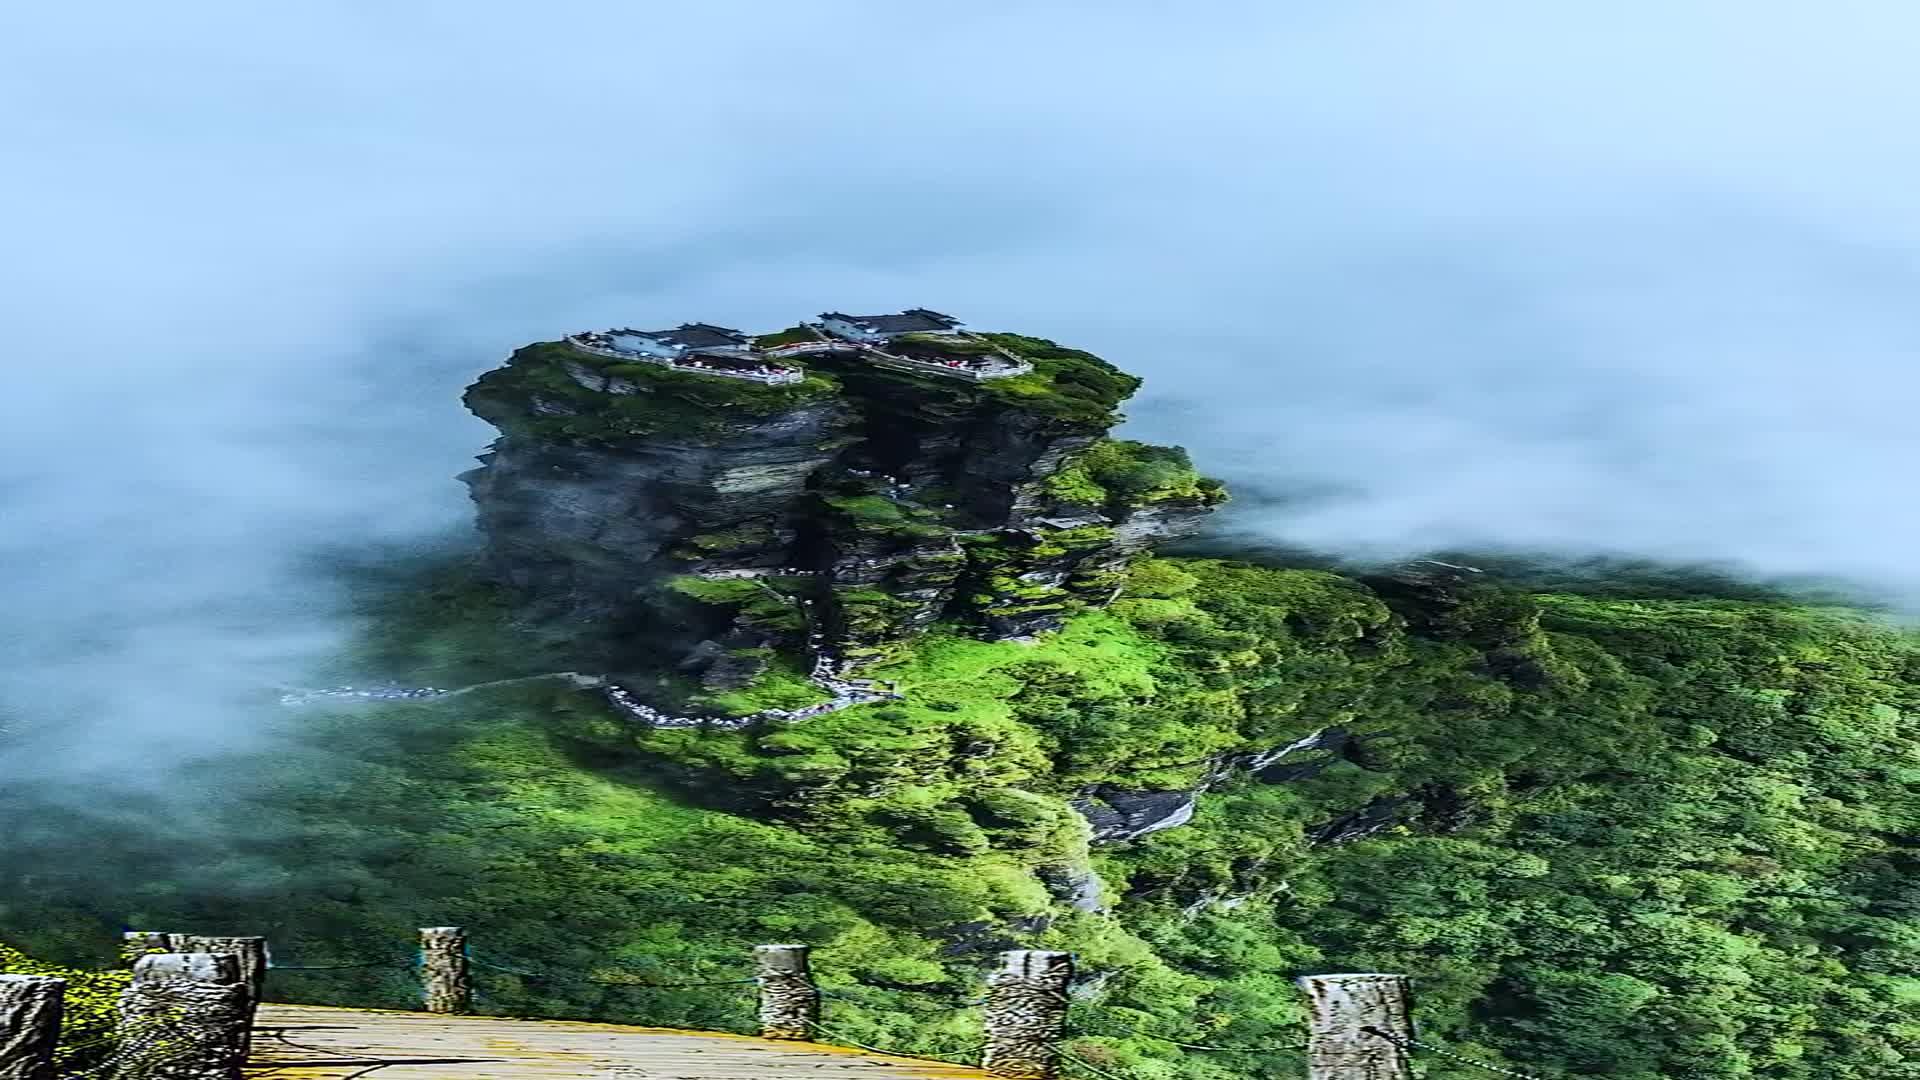 大自然的鬼斧神工张家界、梵净山。500年前建造而成